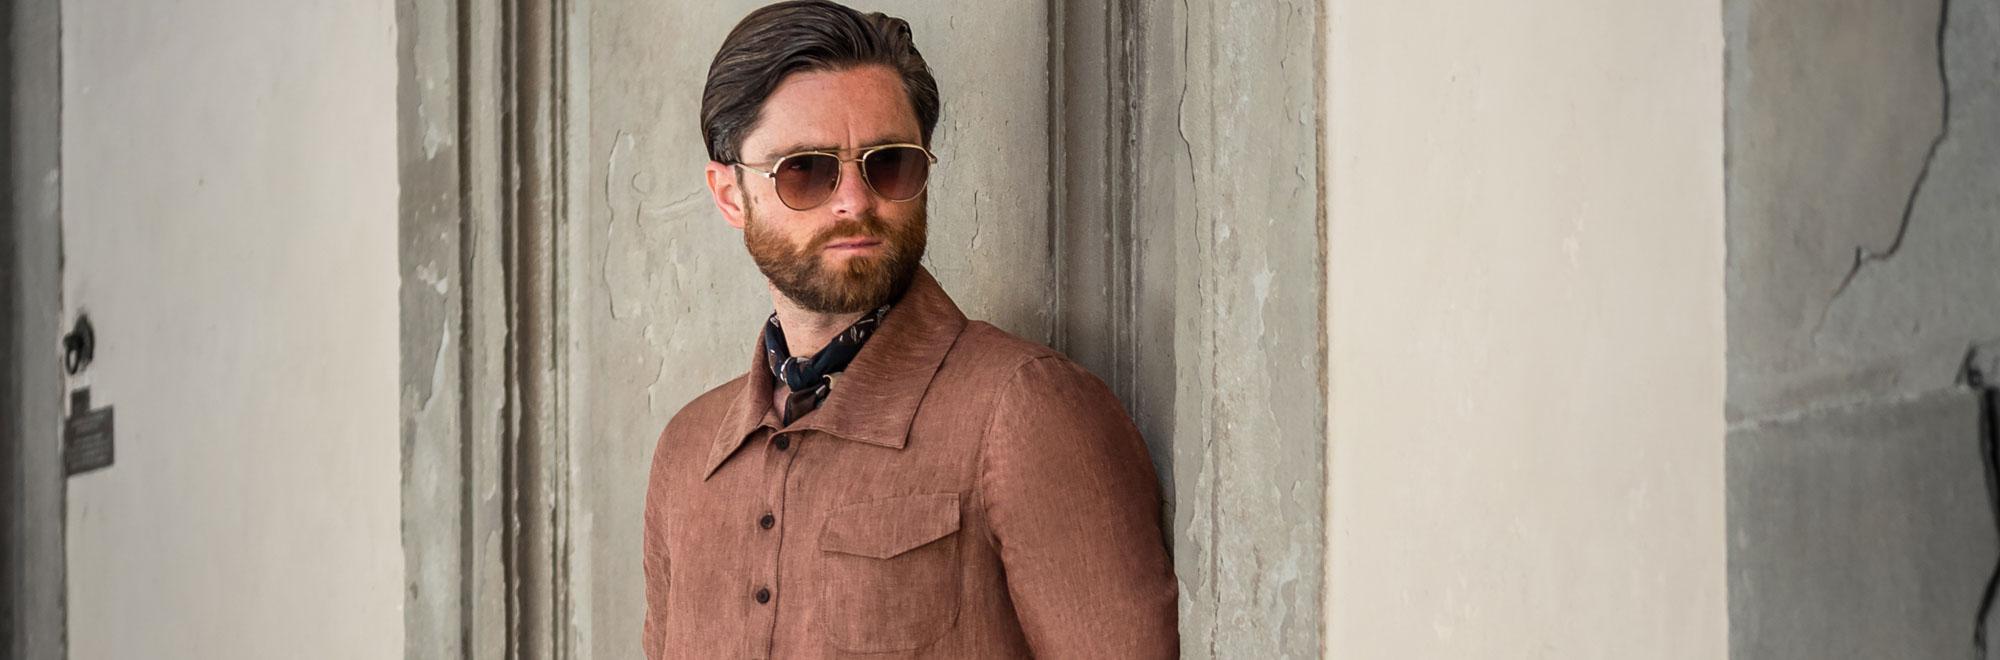 Men custom tailored brown popover shirt